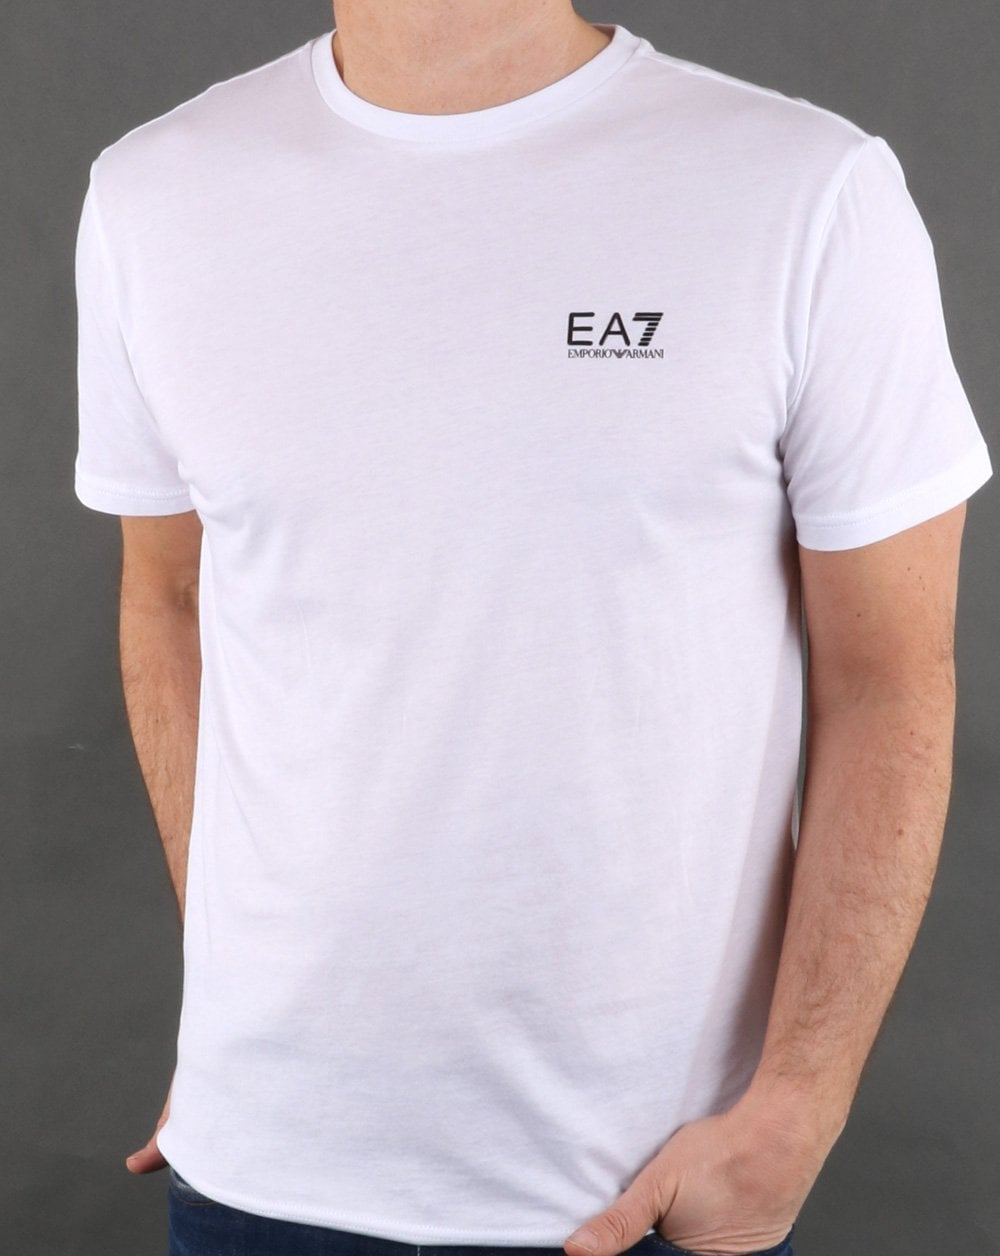 b92d63fe7cf46 Emporio Armani EA7 Emporio Armani EA7 Core T'Shirt White